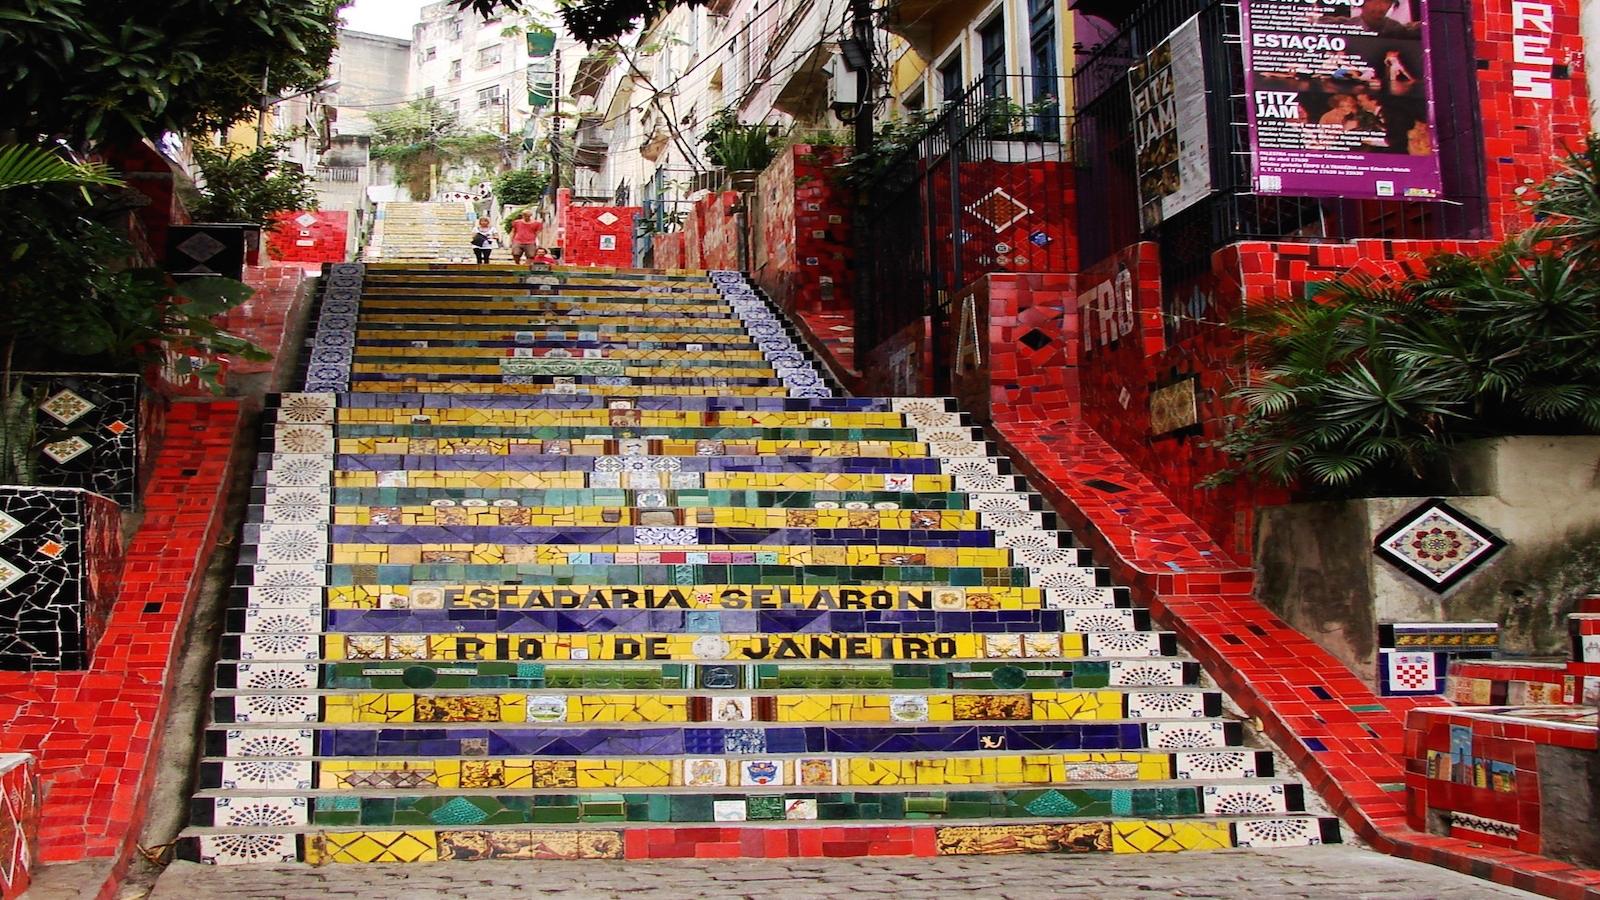 MANUAL DO ROLÉ – Escadaria do Selarón (Lapa)